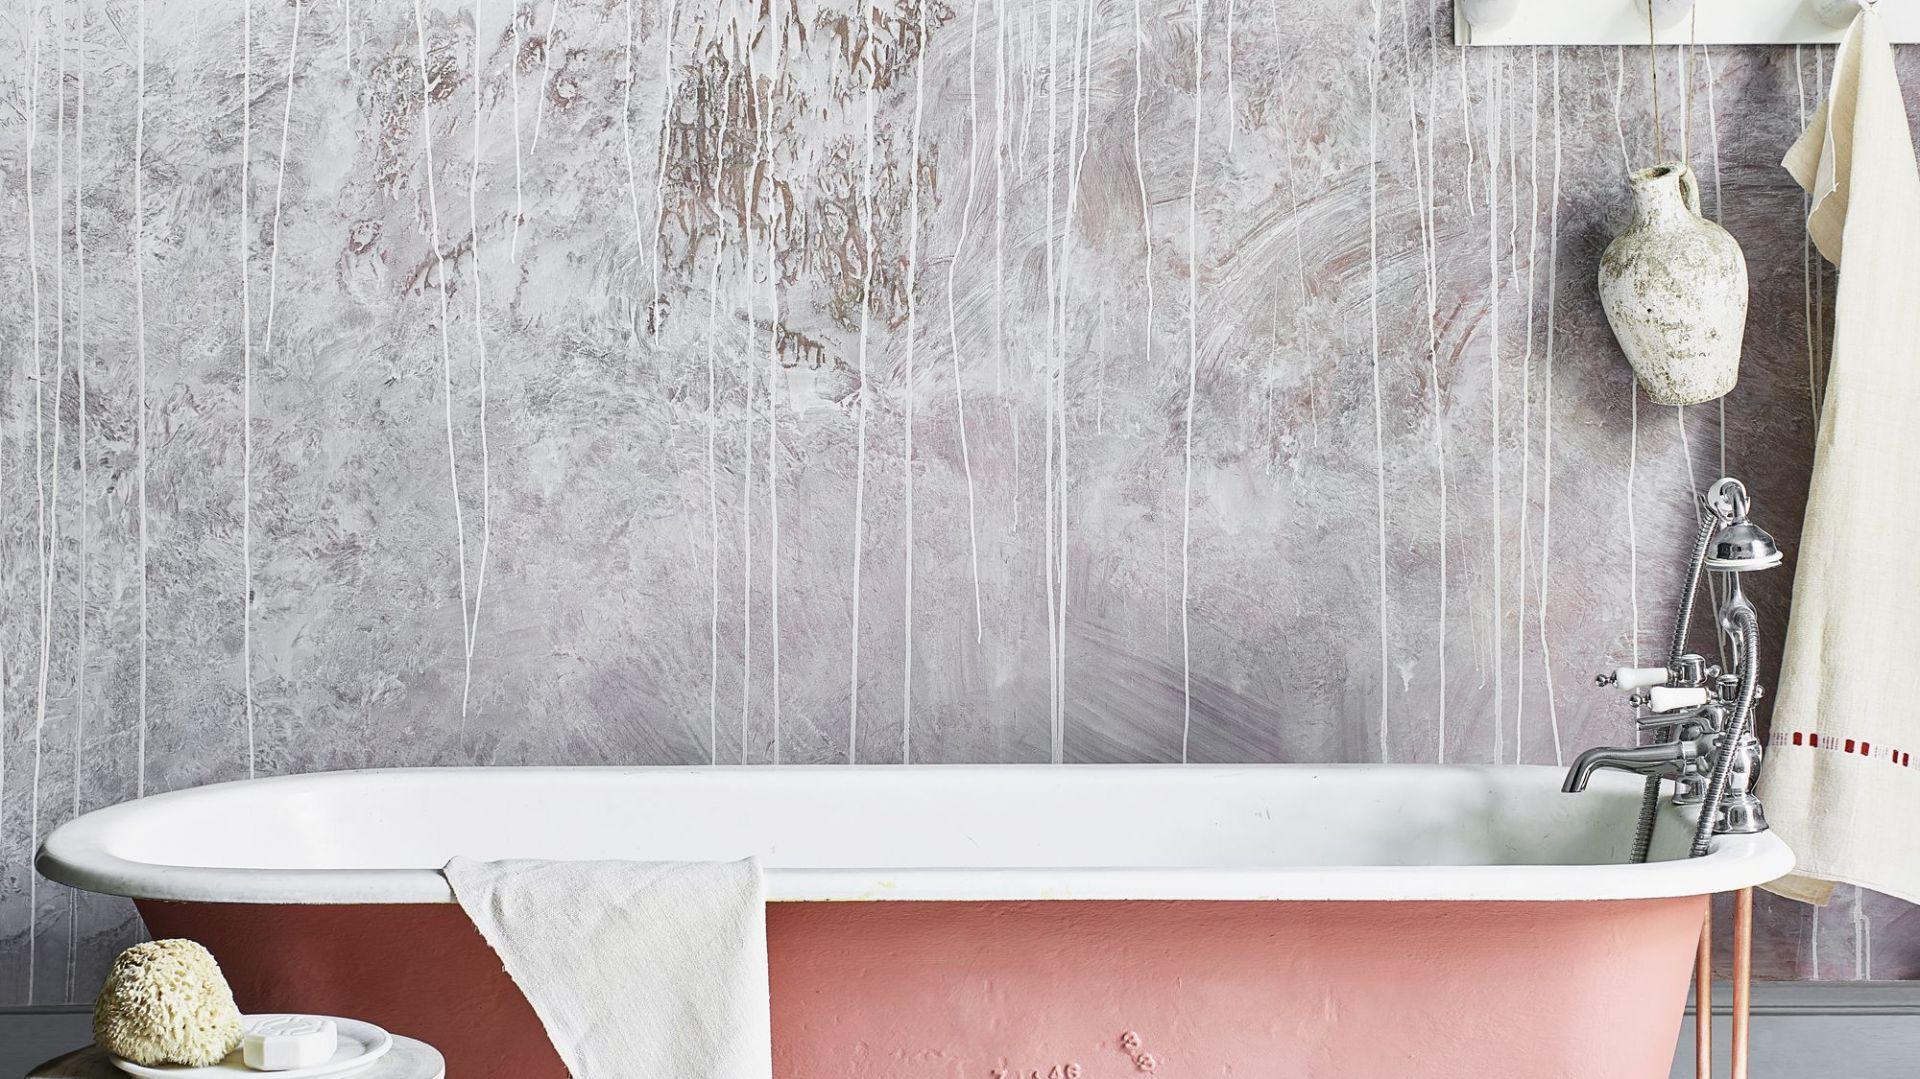 Artystyczna ściana w łazience. Fot. Annie Sloan